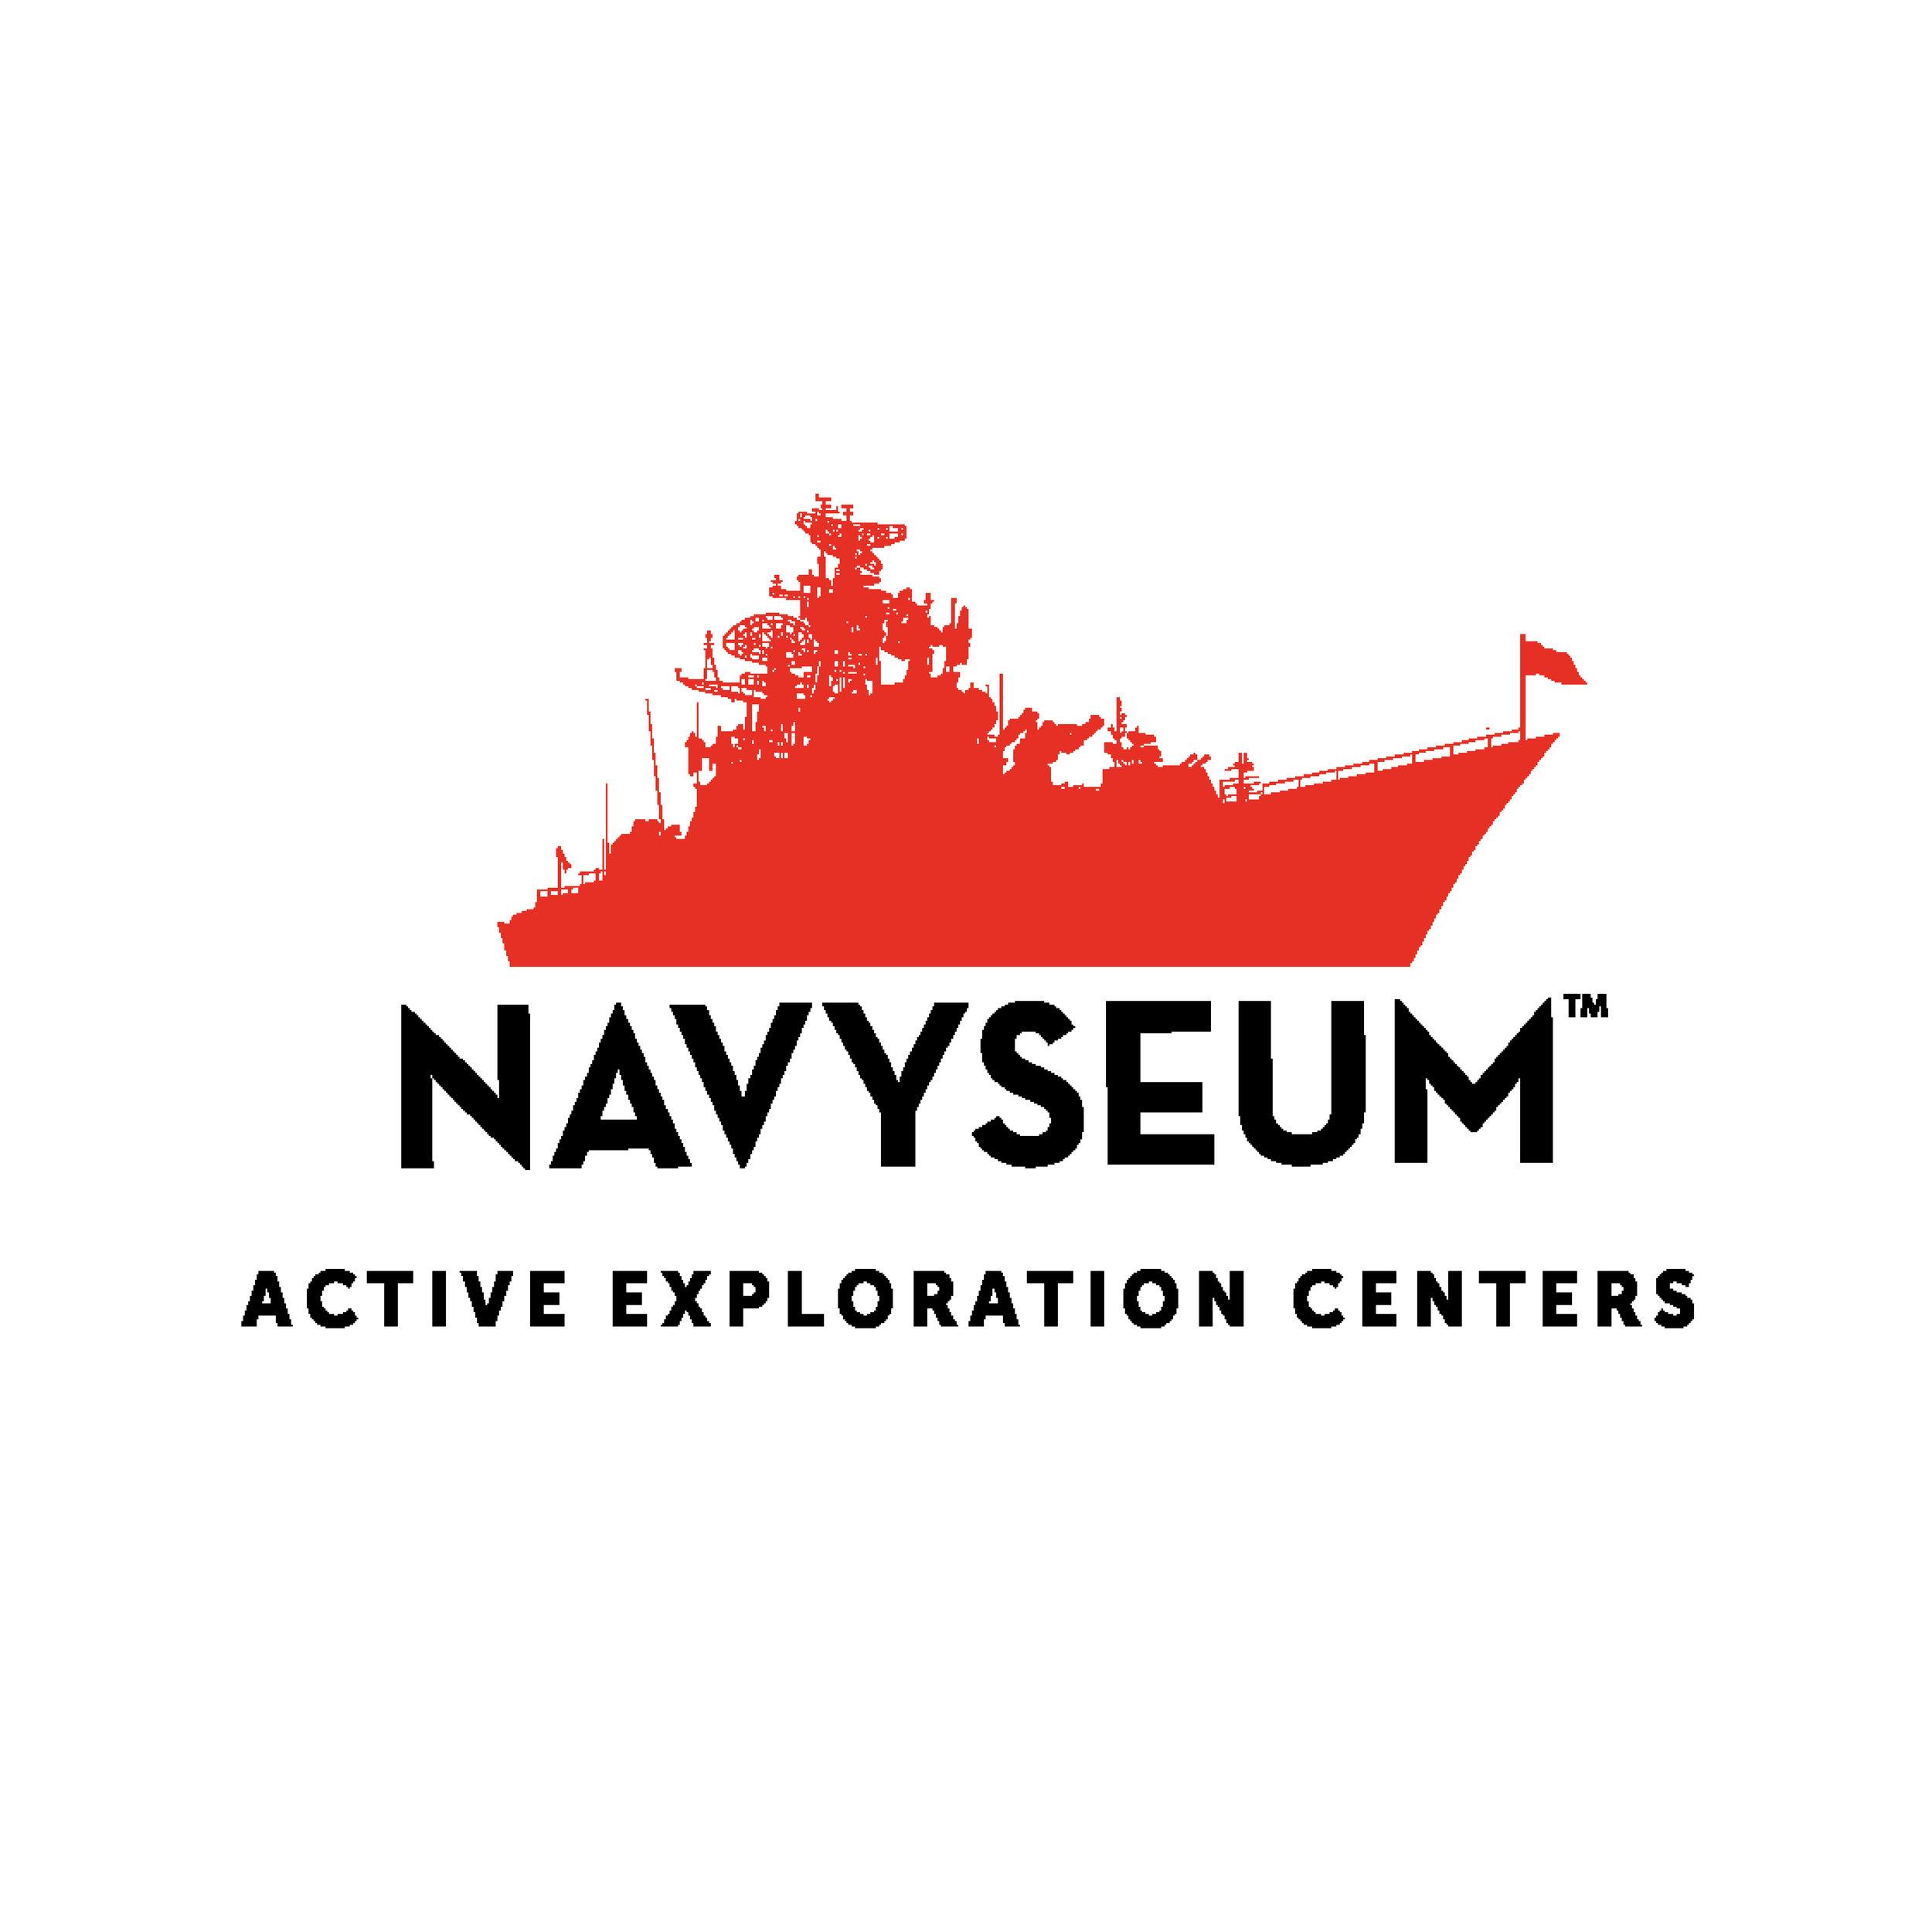 navyseum_logo.jpg